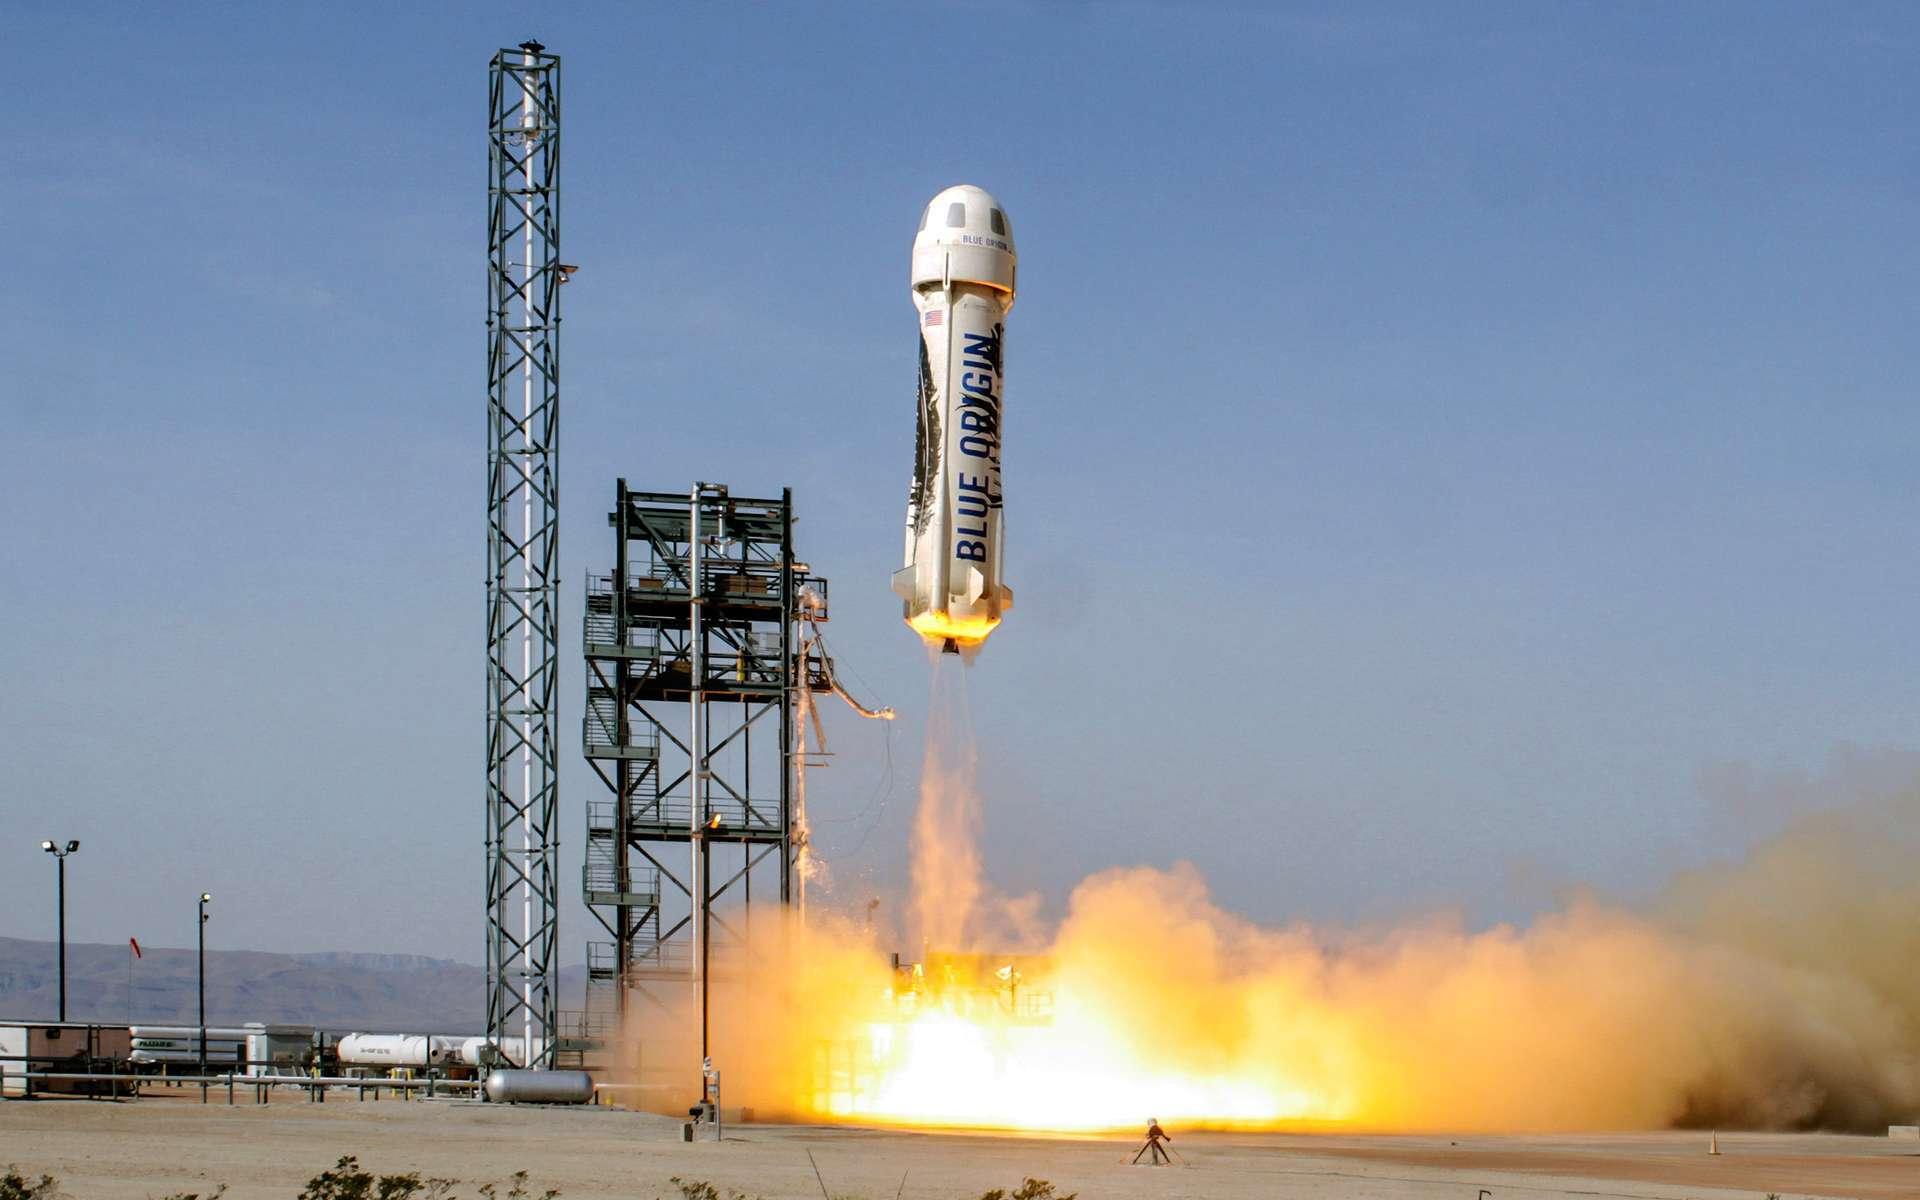 Le New Shepard de Blue Origin lors du vol d'essai réussi réalisé en juin dernier. Hier, la séparation de la capsule du lanceur a été réussie. © Blue Origin